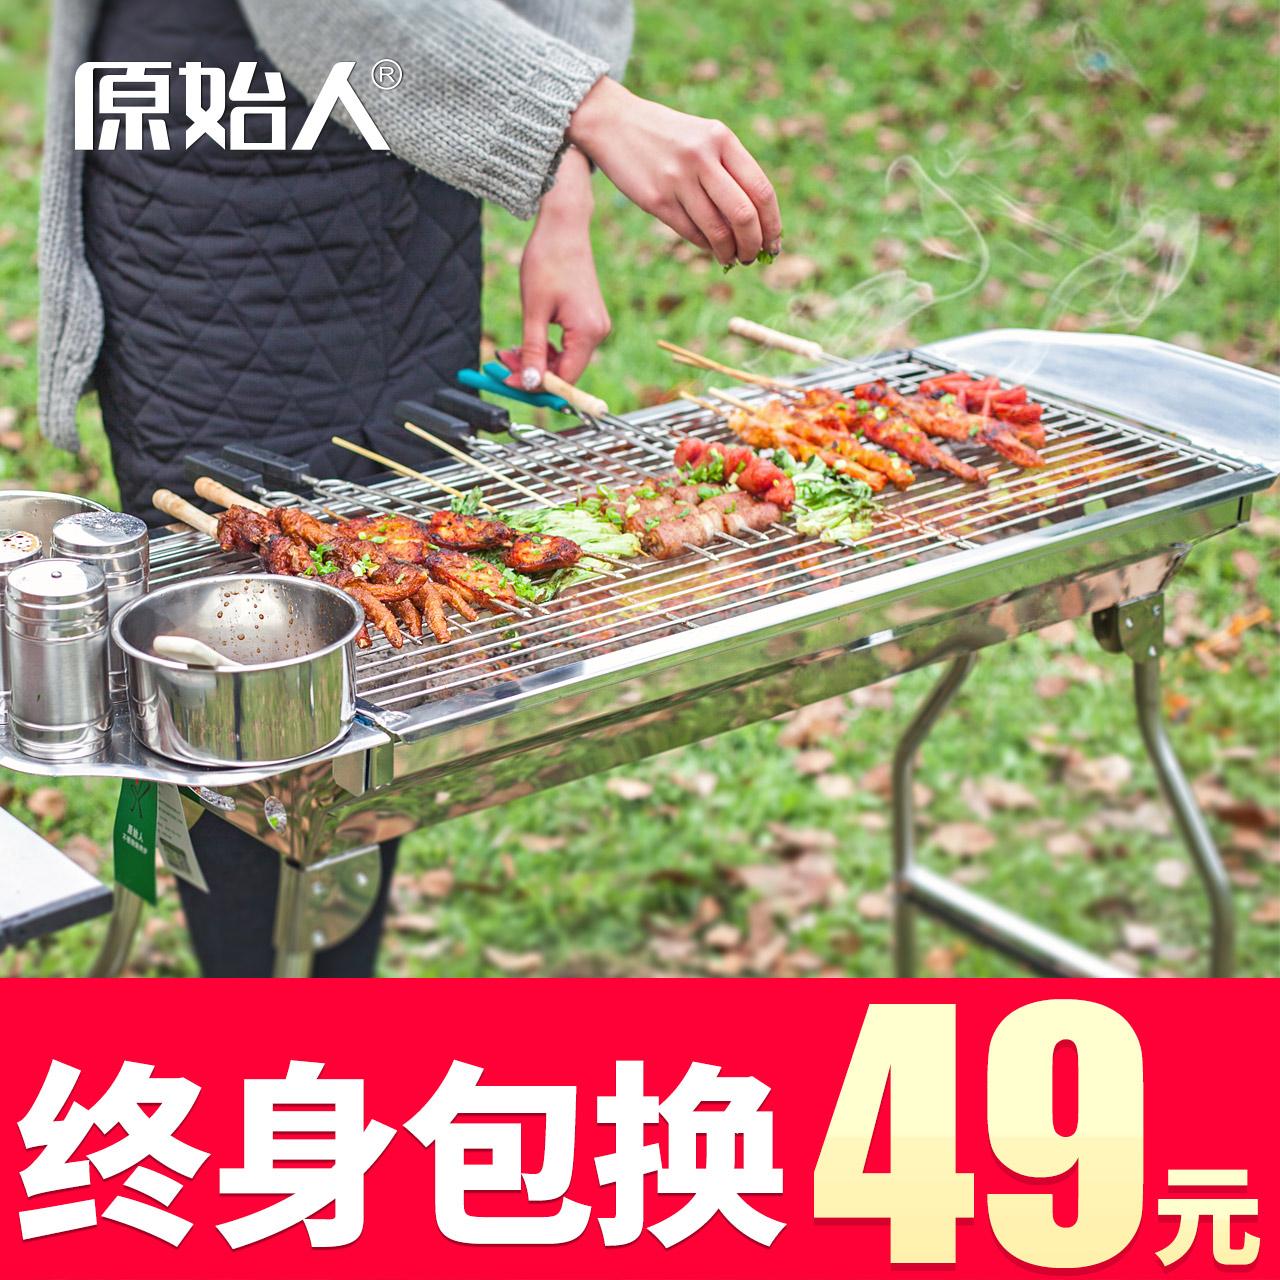 烧烤炉家用木炭户外碳烤肉炉子不锈钢全套烤串用具野外烧烤架